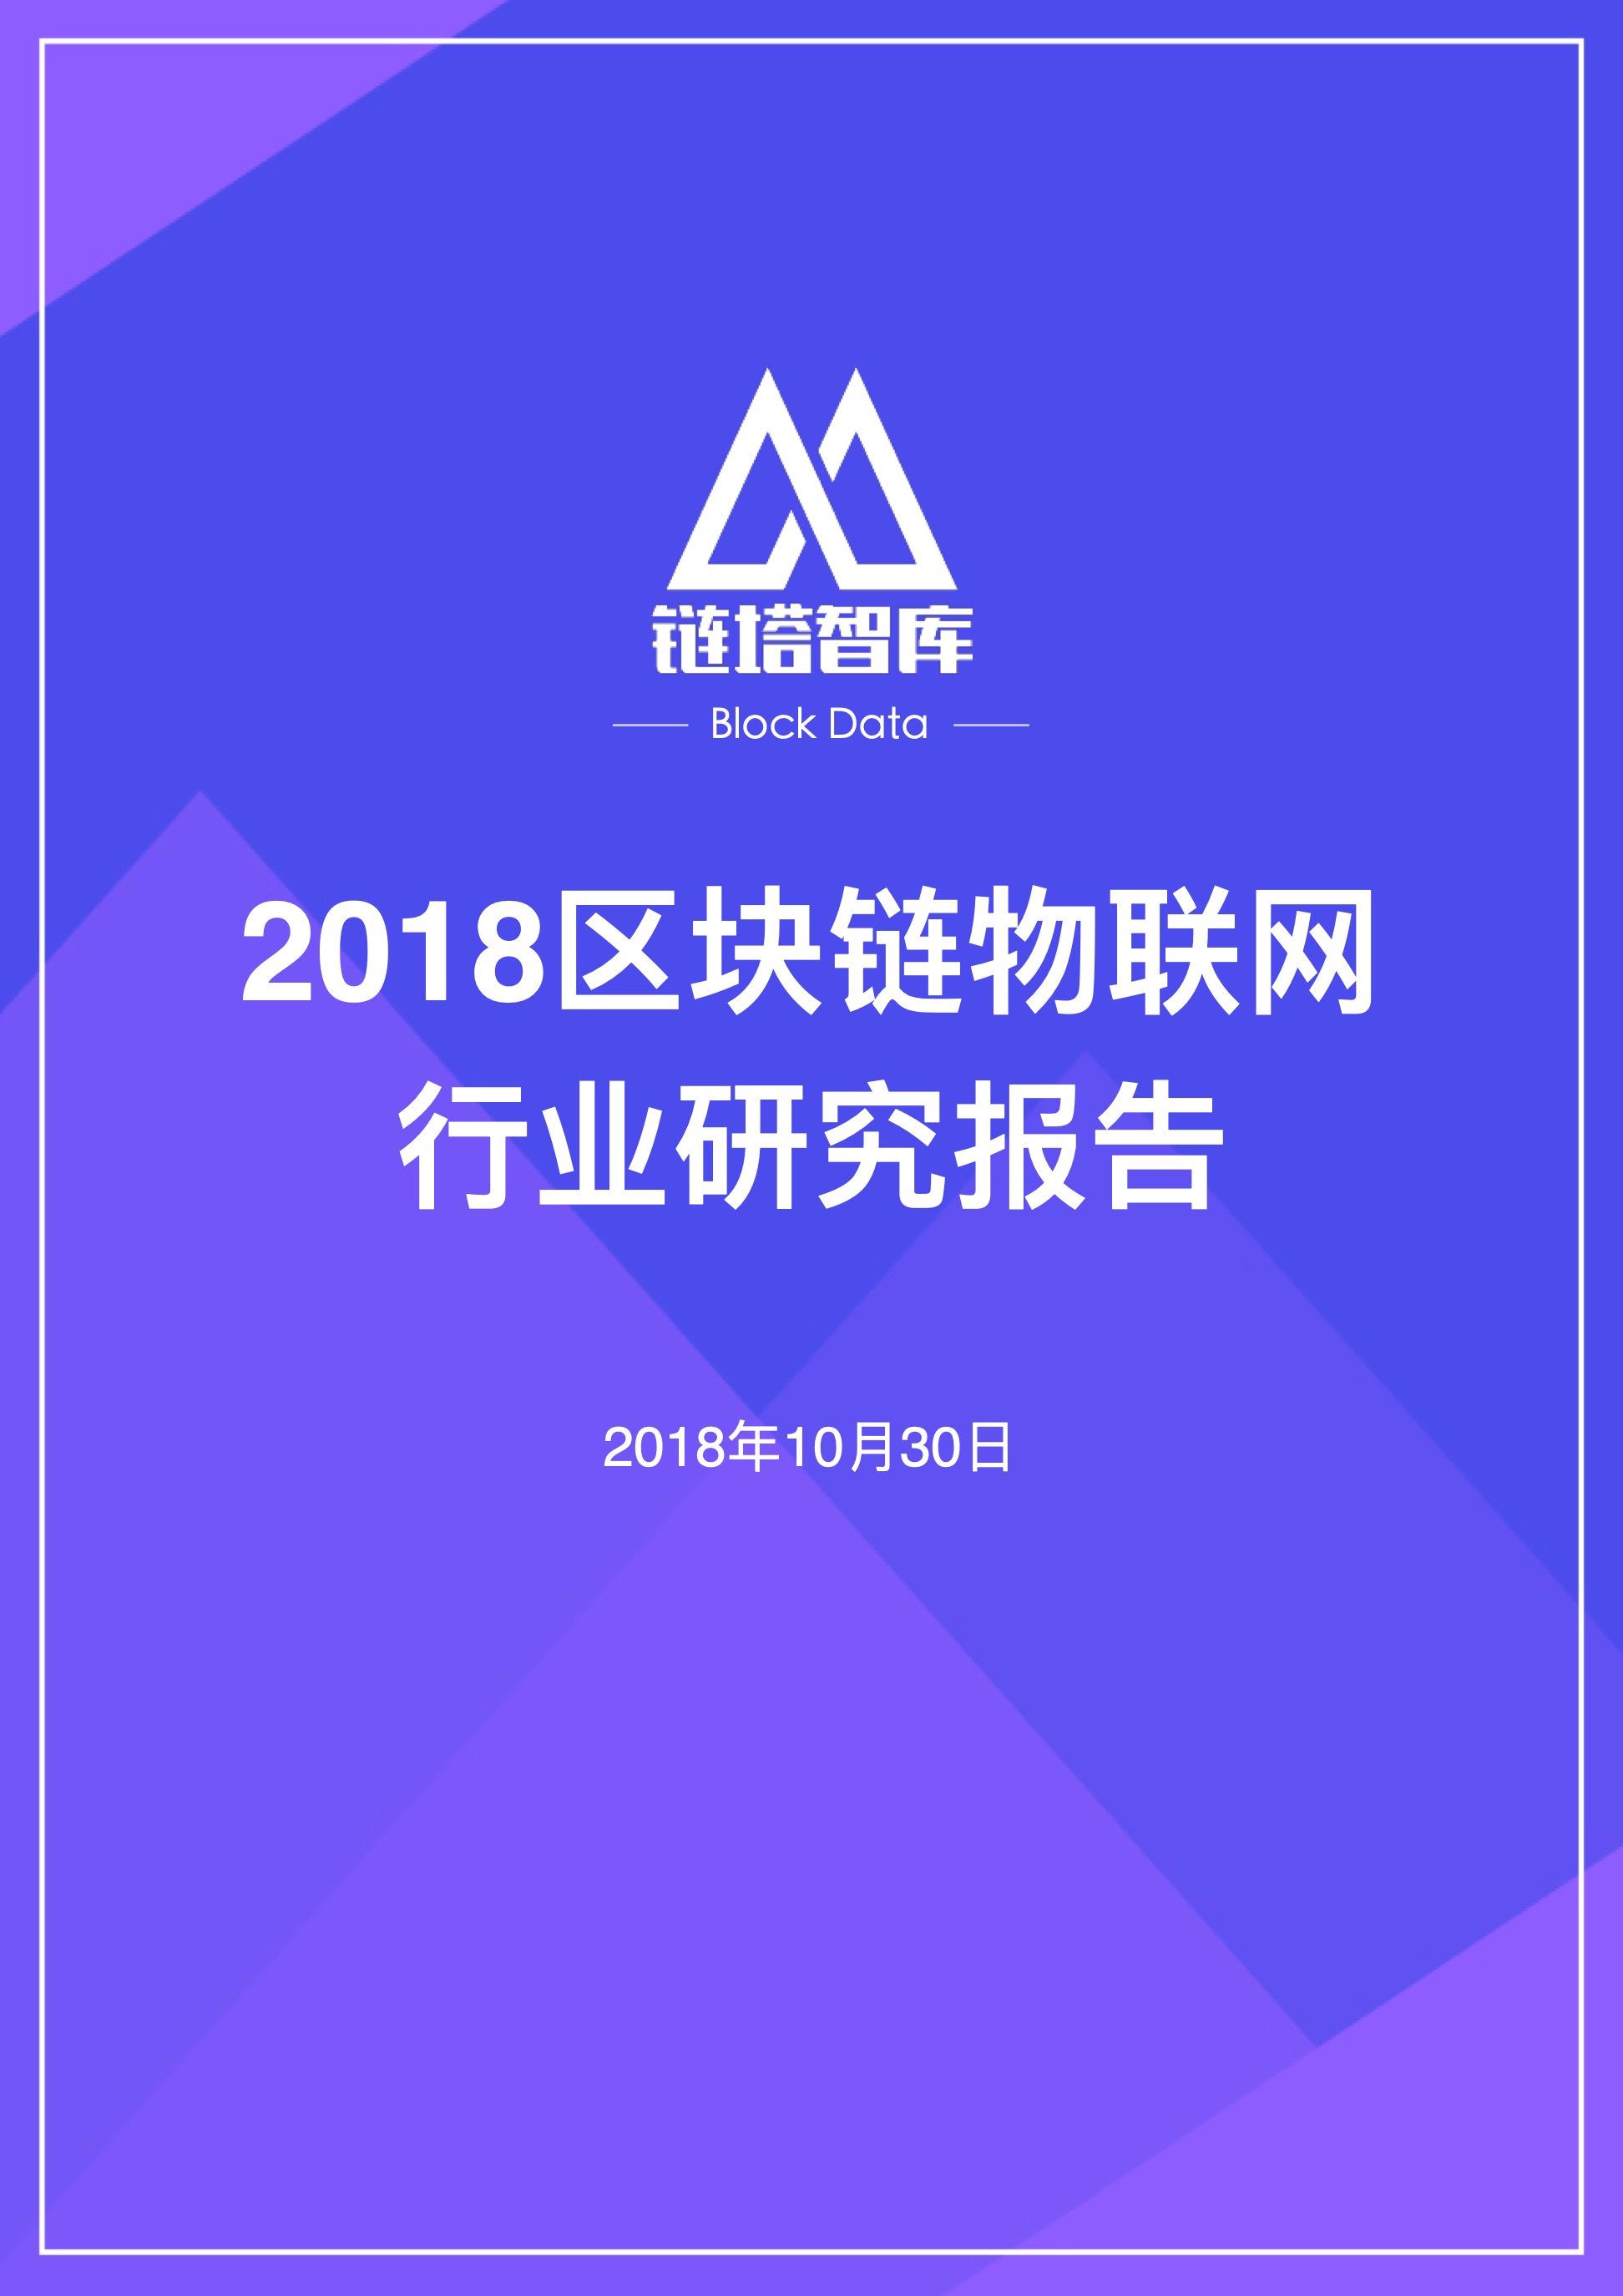 2018区块链物联网行业研究报告 | 链塔智库